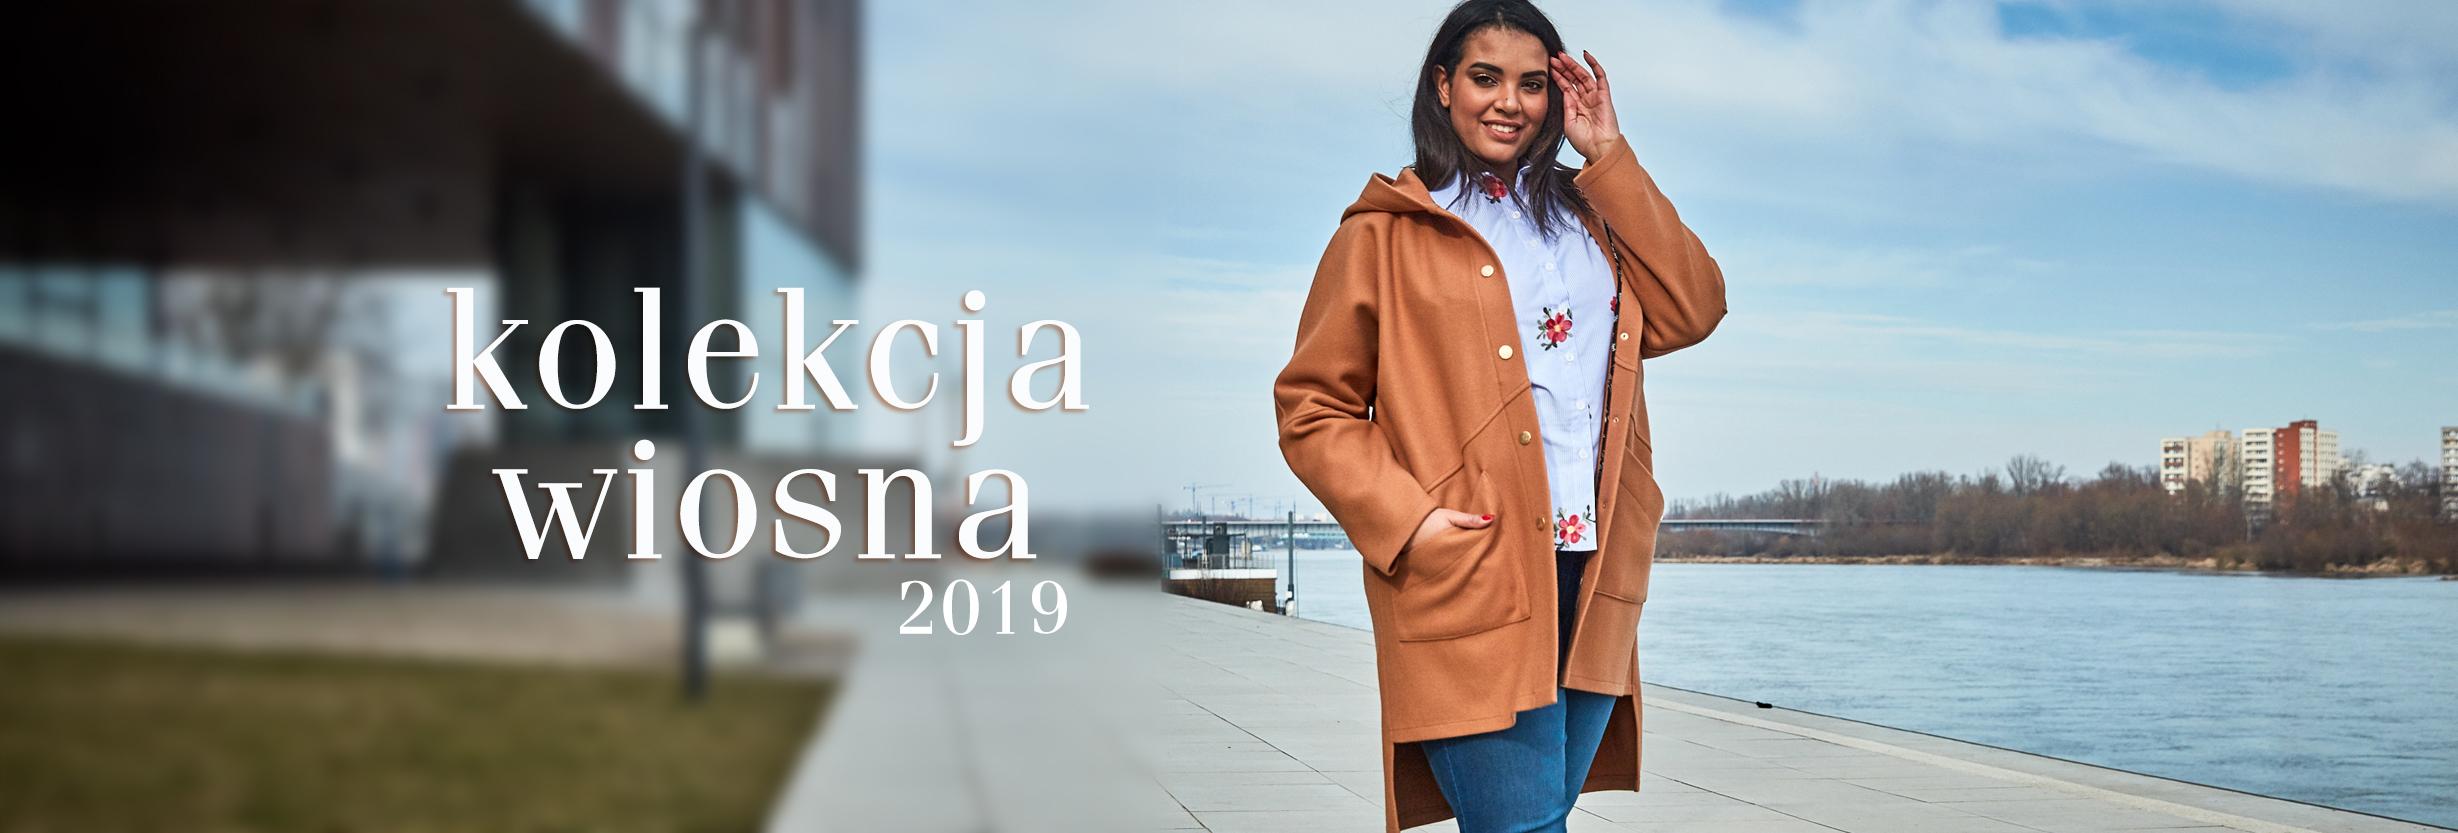 Kolekcja Wiosna 2019 - Płaszcz Camelowy 3a8b1241a3